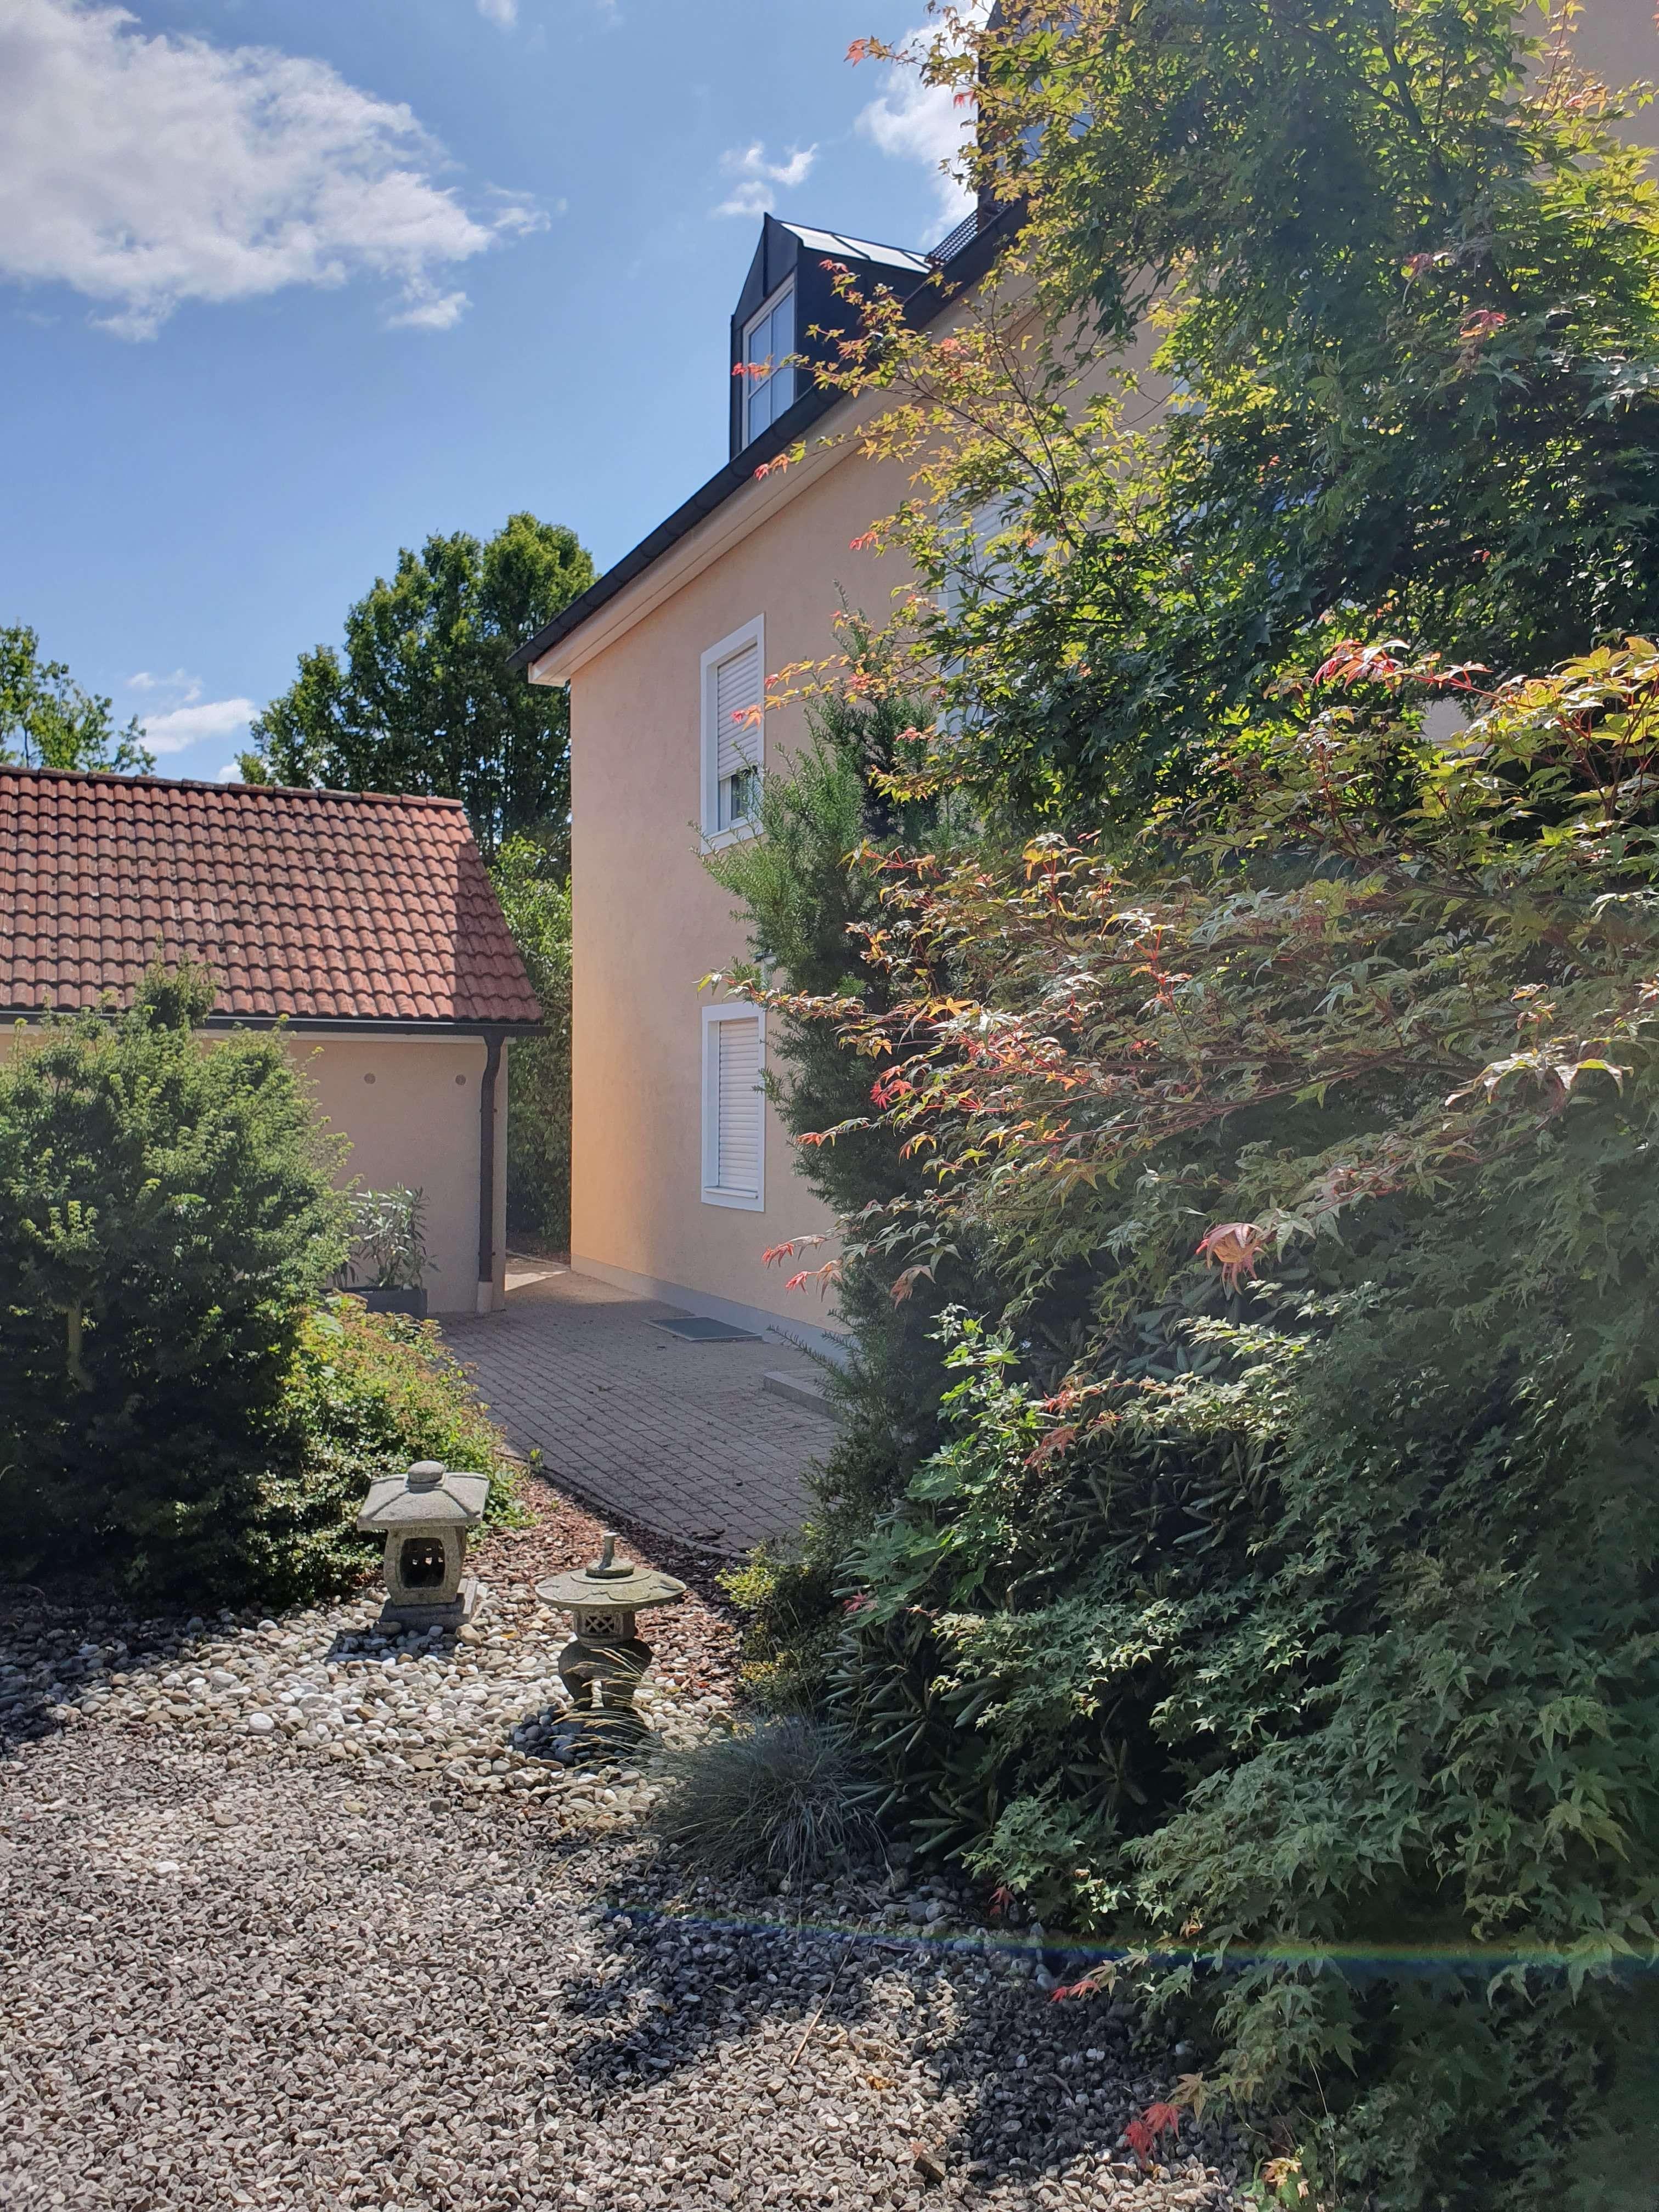 Attraktive 3 Zimmer Maisonette Wohnung mit Balkon und hochwertiger Einbauküche in Mühldorf am Inn